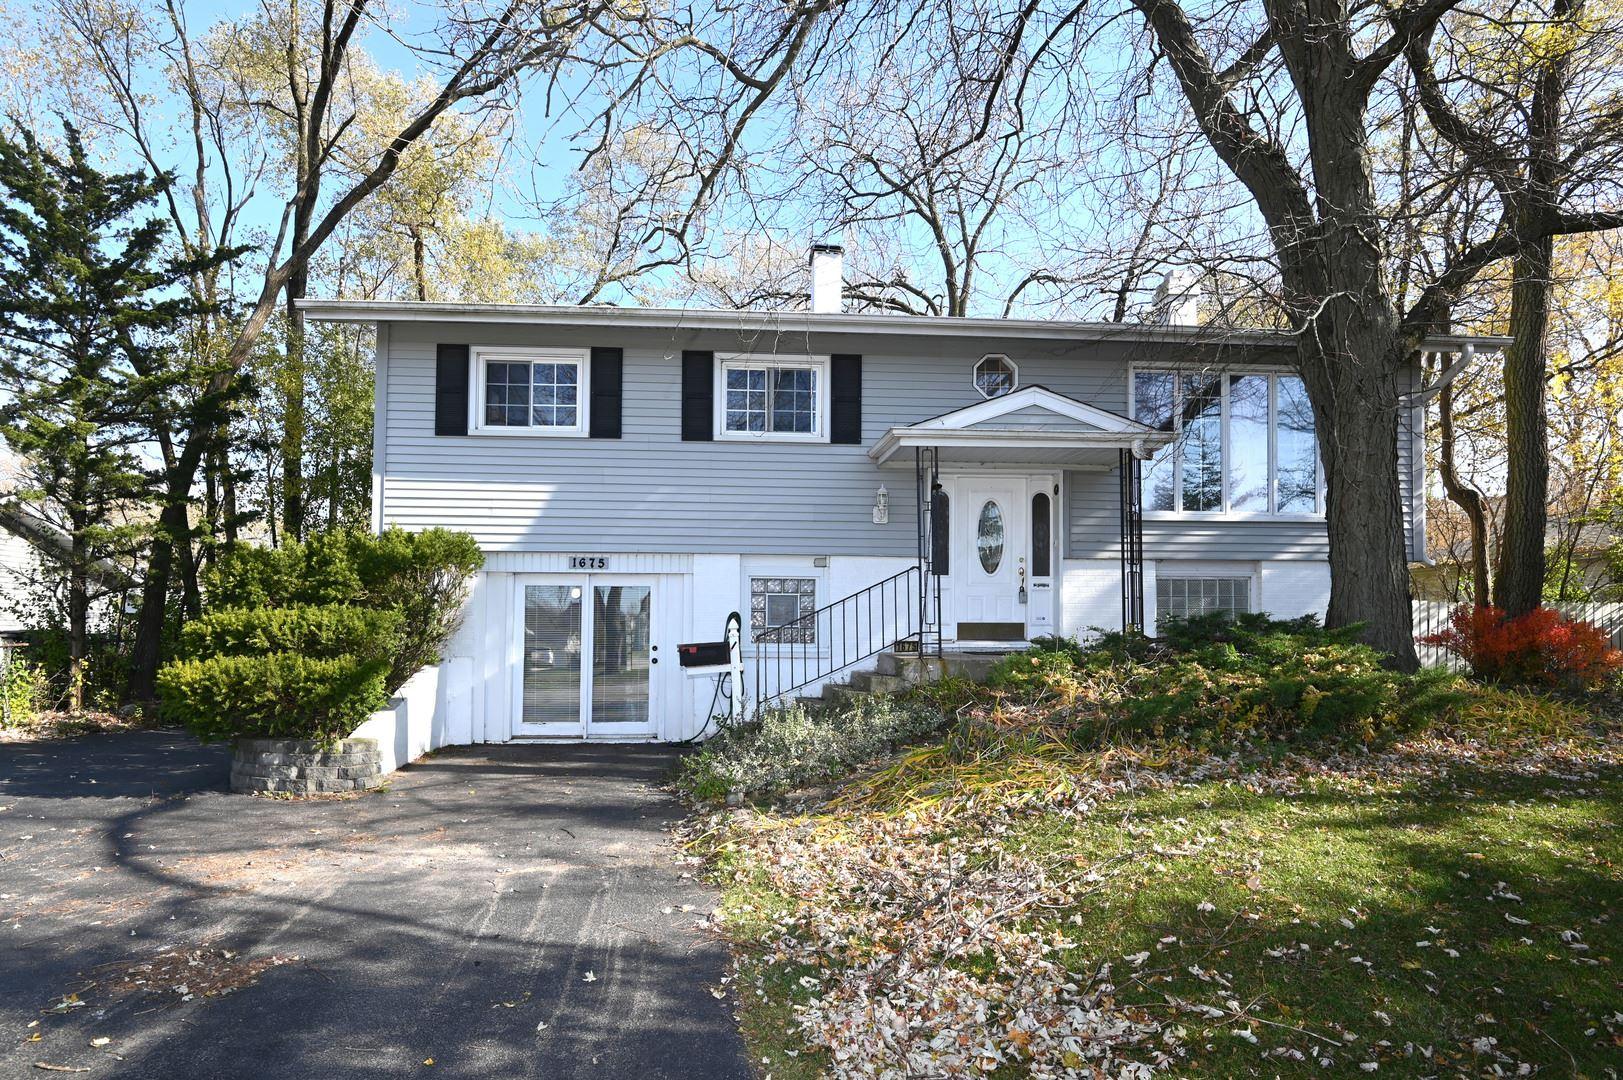 1675 ASHLEY Road, Hoffman Estates, IL 60169 - #: 11049079